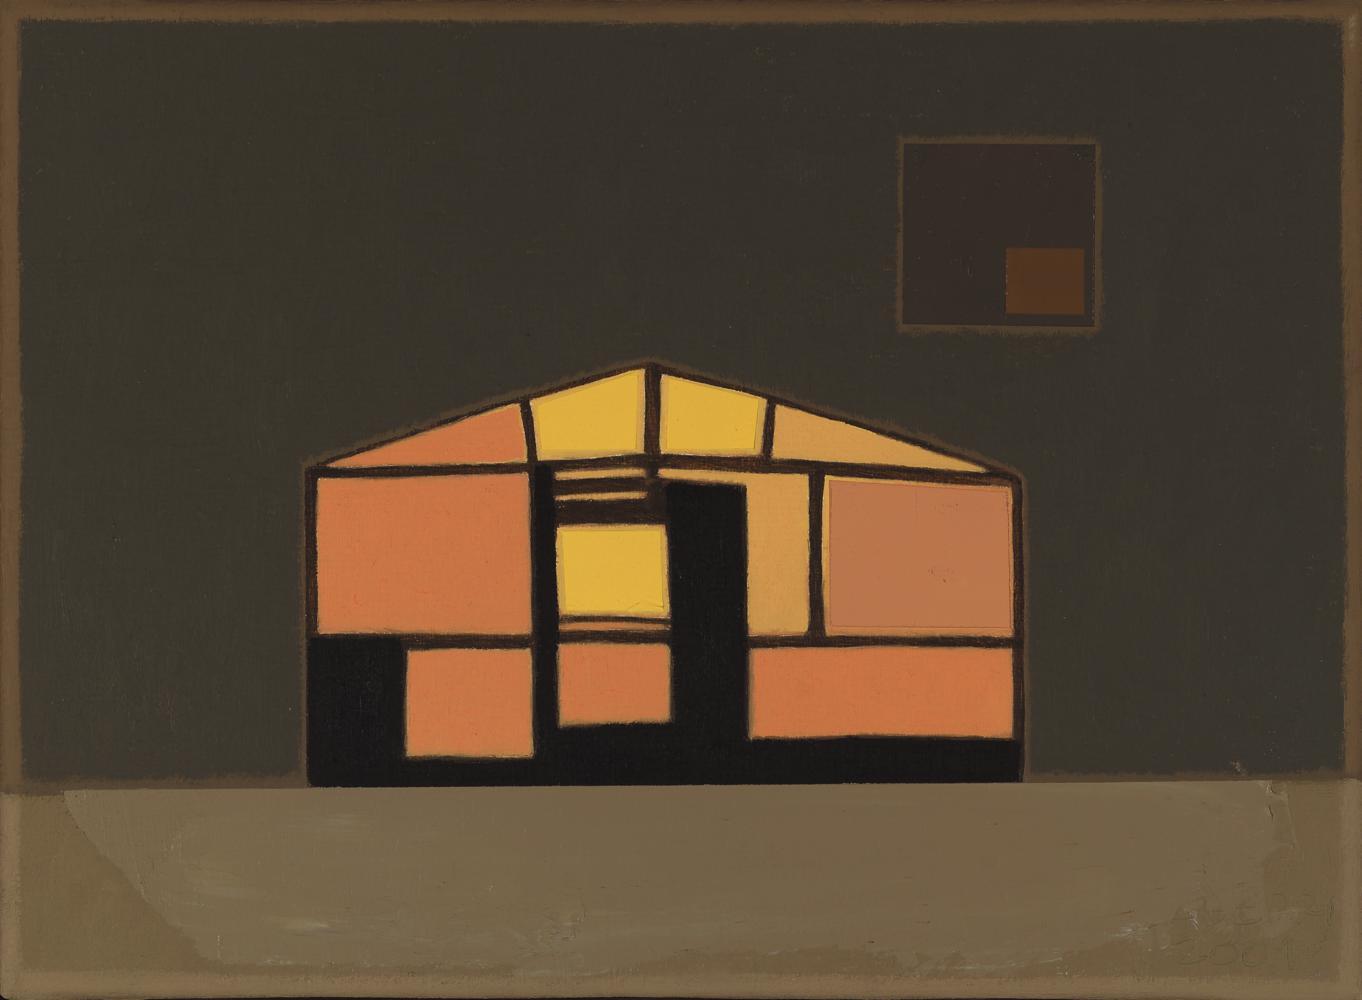 Caseta con luz, 24 x 33 cm, óleo lienzo, 2003.